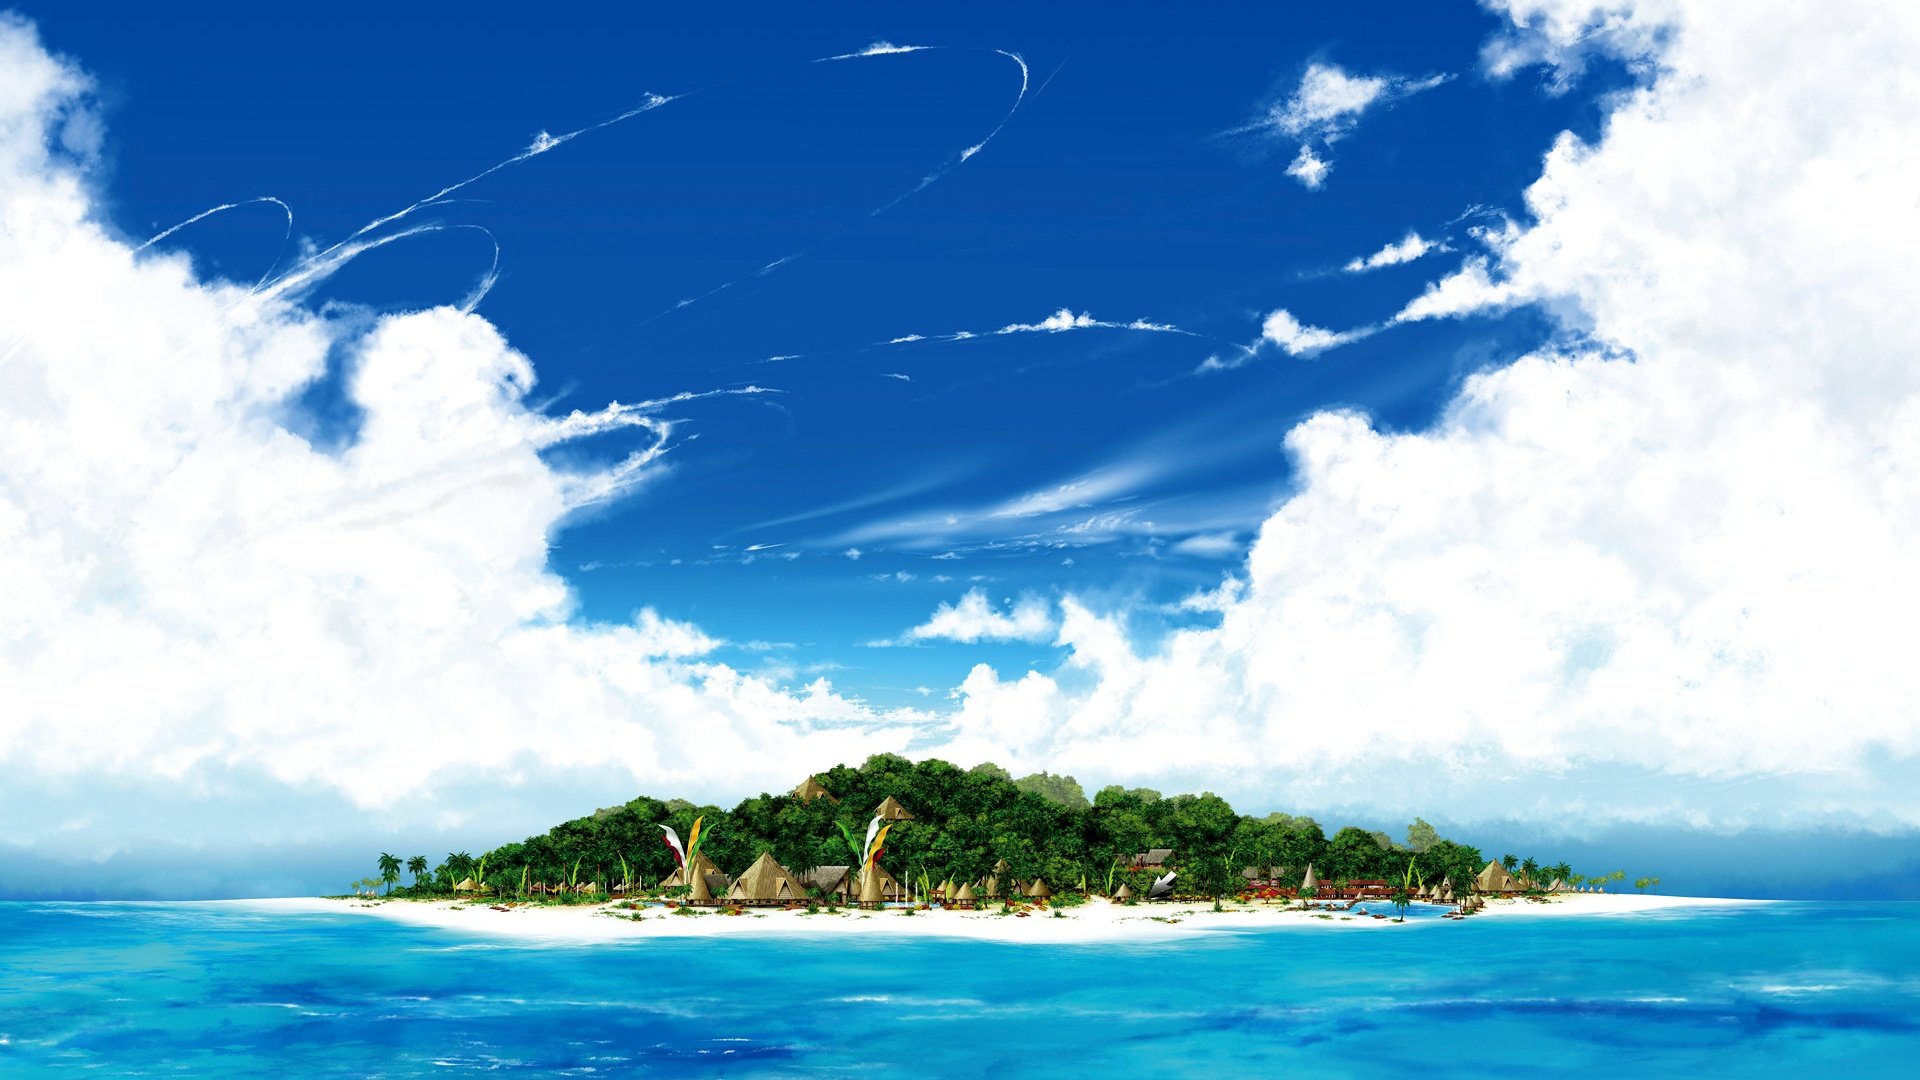 海の島、ビーチ、青い空、白い雲 壁紙 - 1920x1080 ...